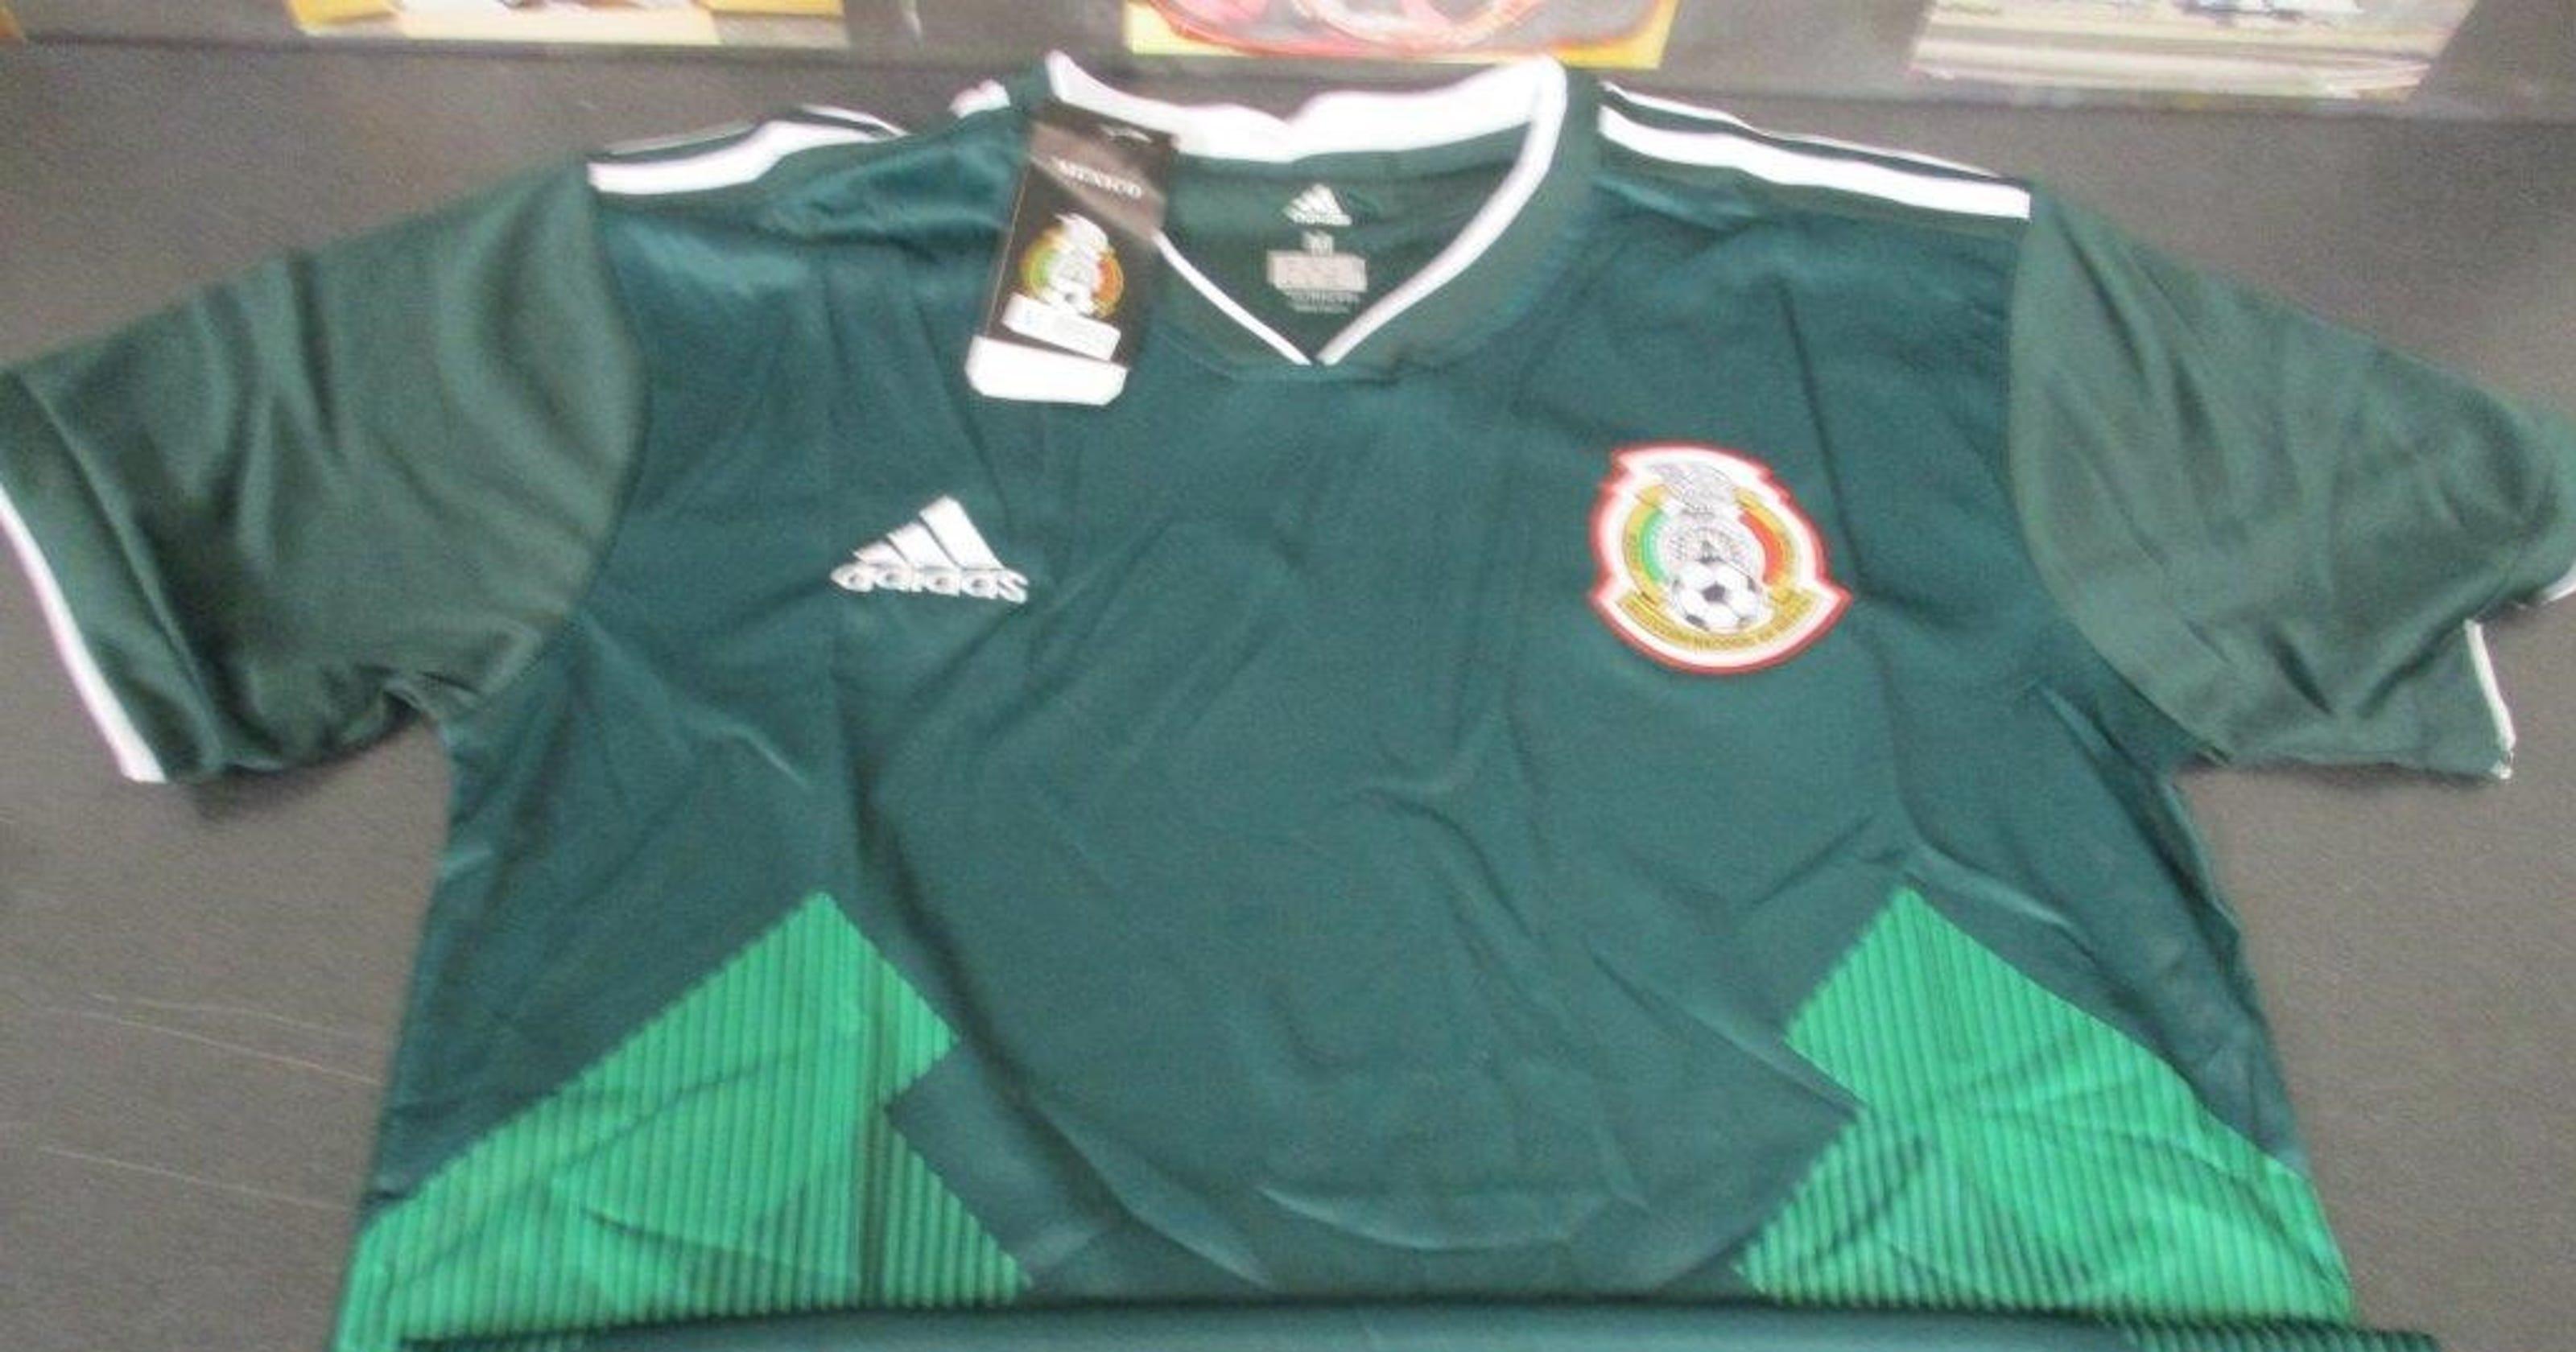 93b9a209d3a Fake World Cup jerseys